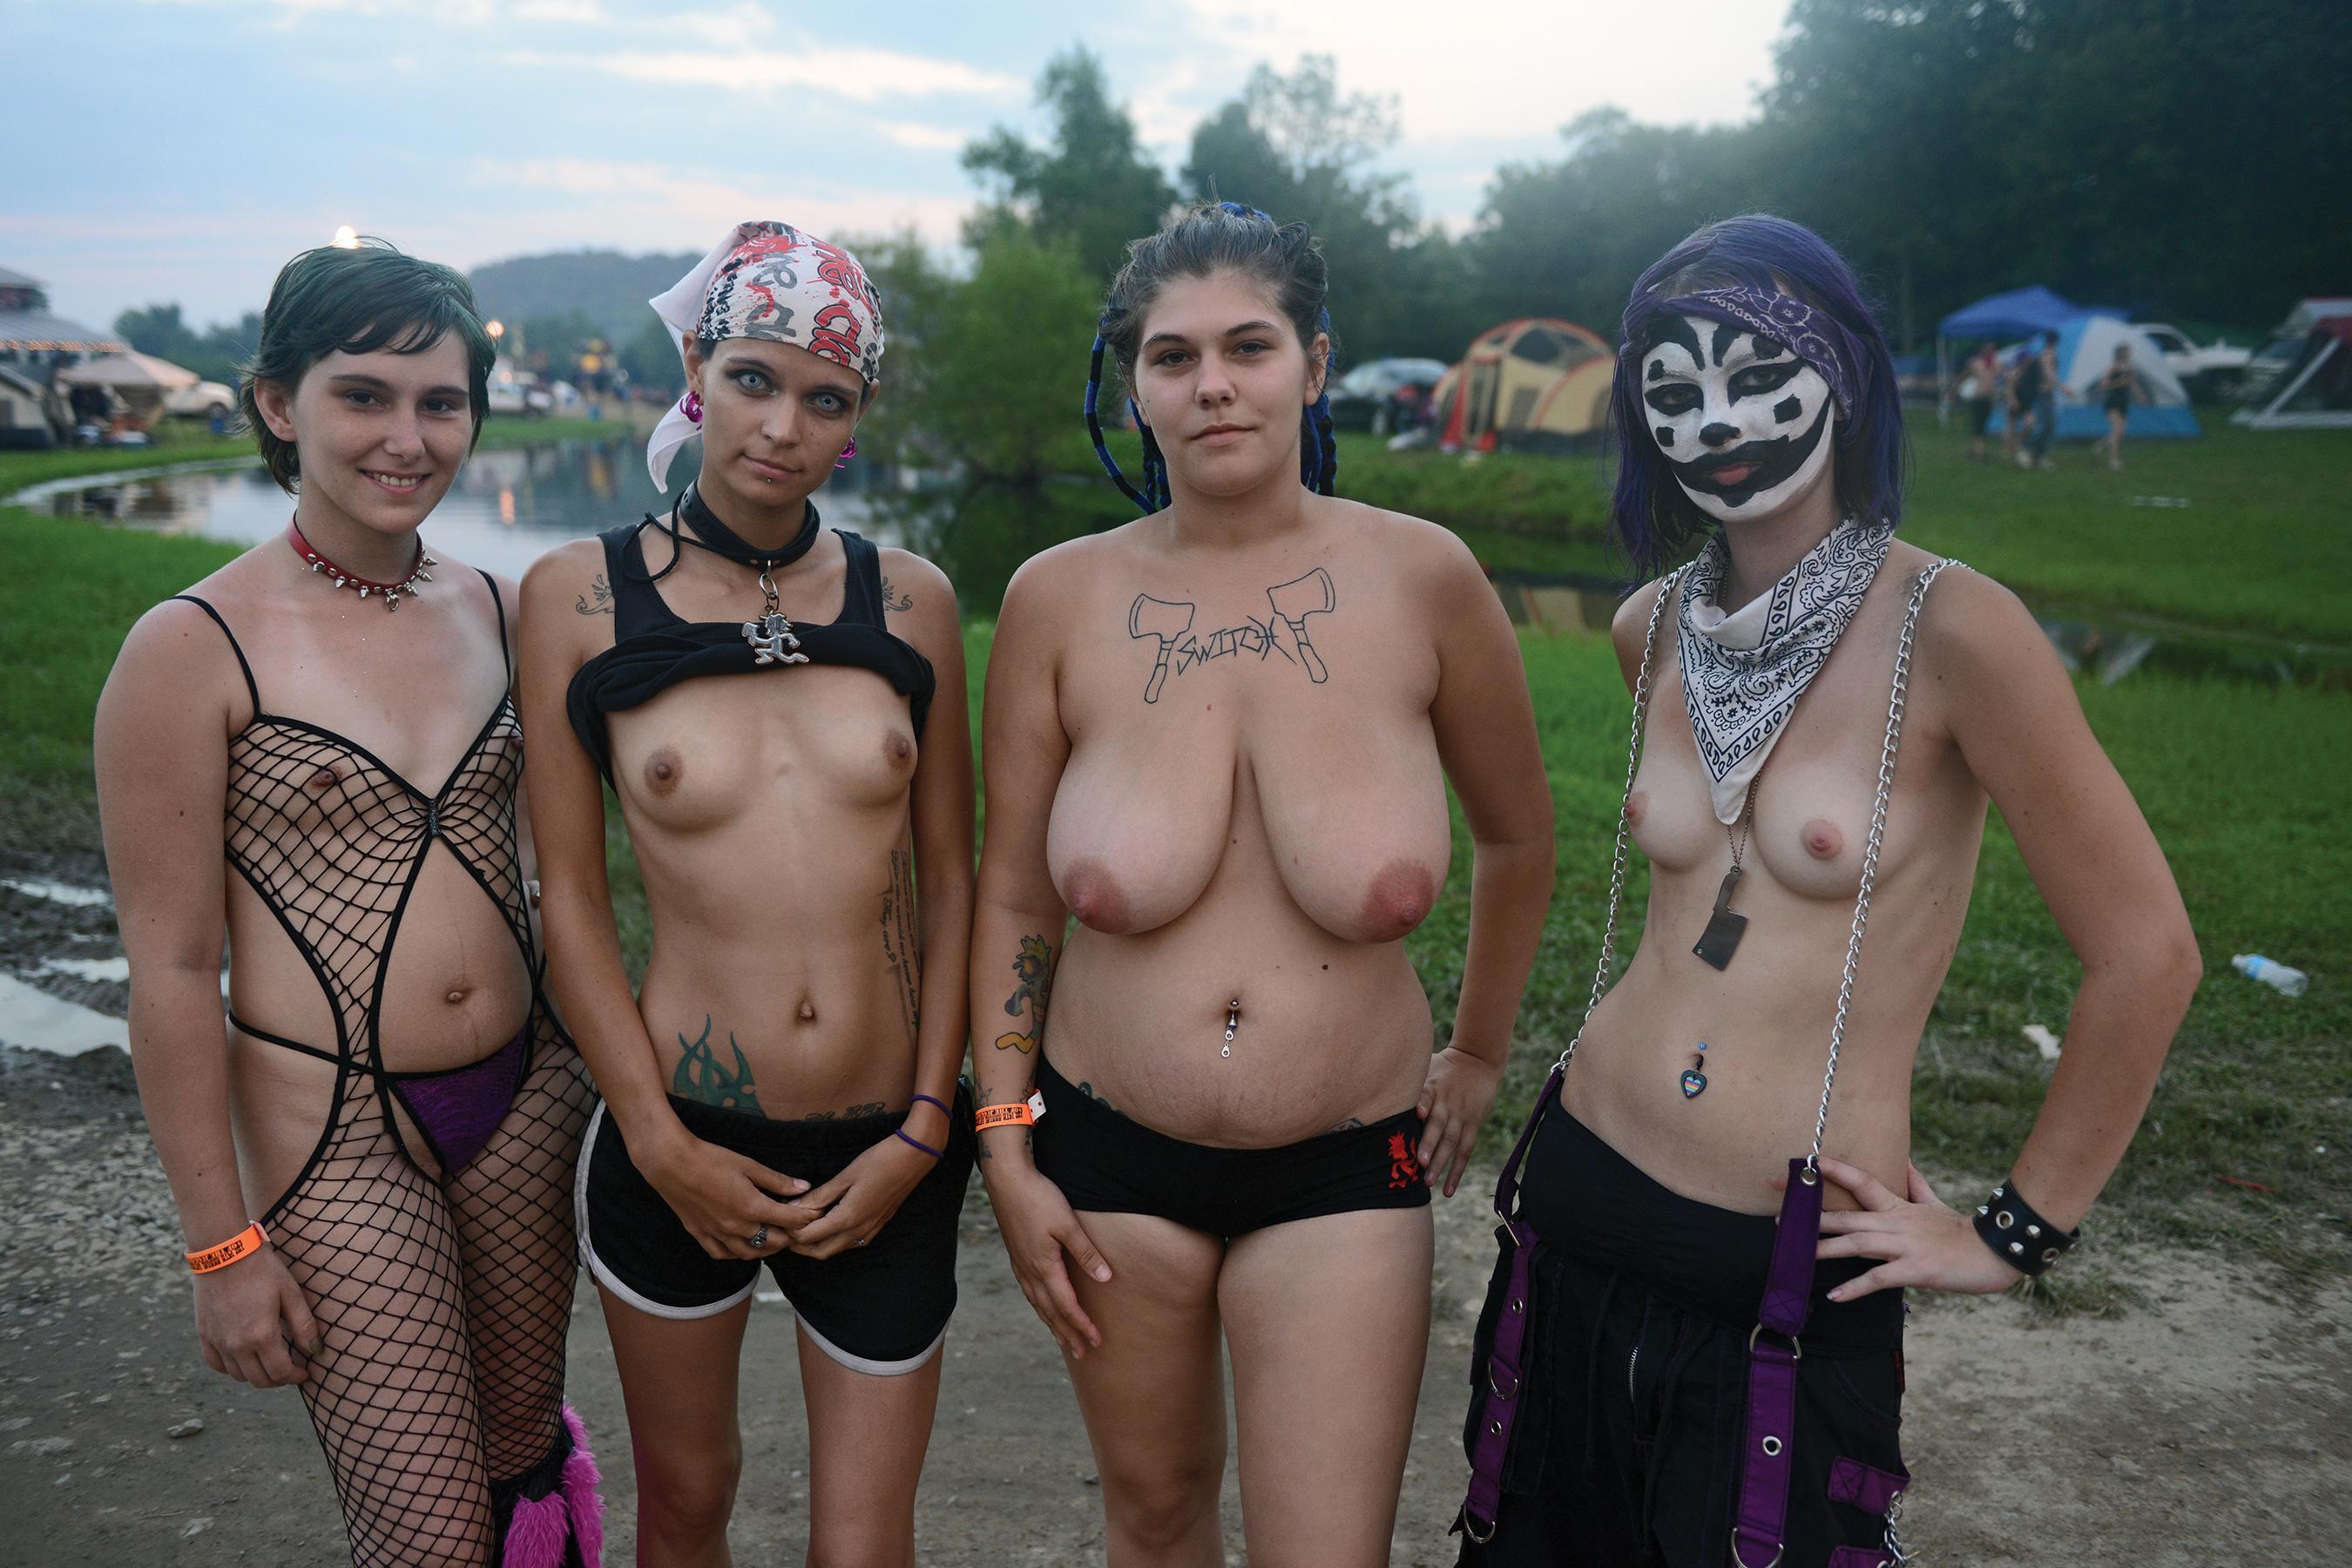 Juggalo sex videos